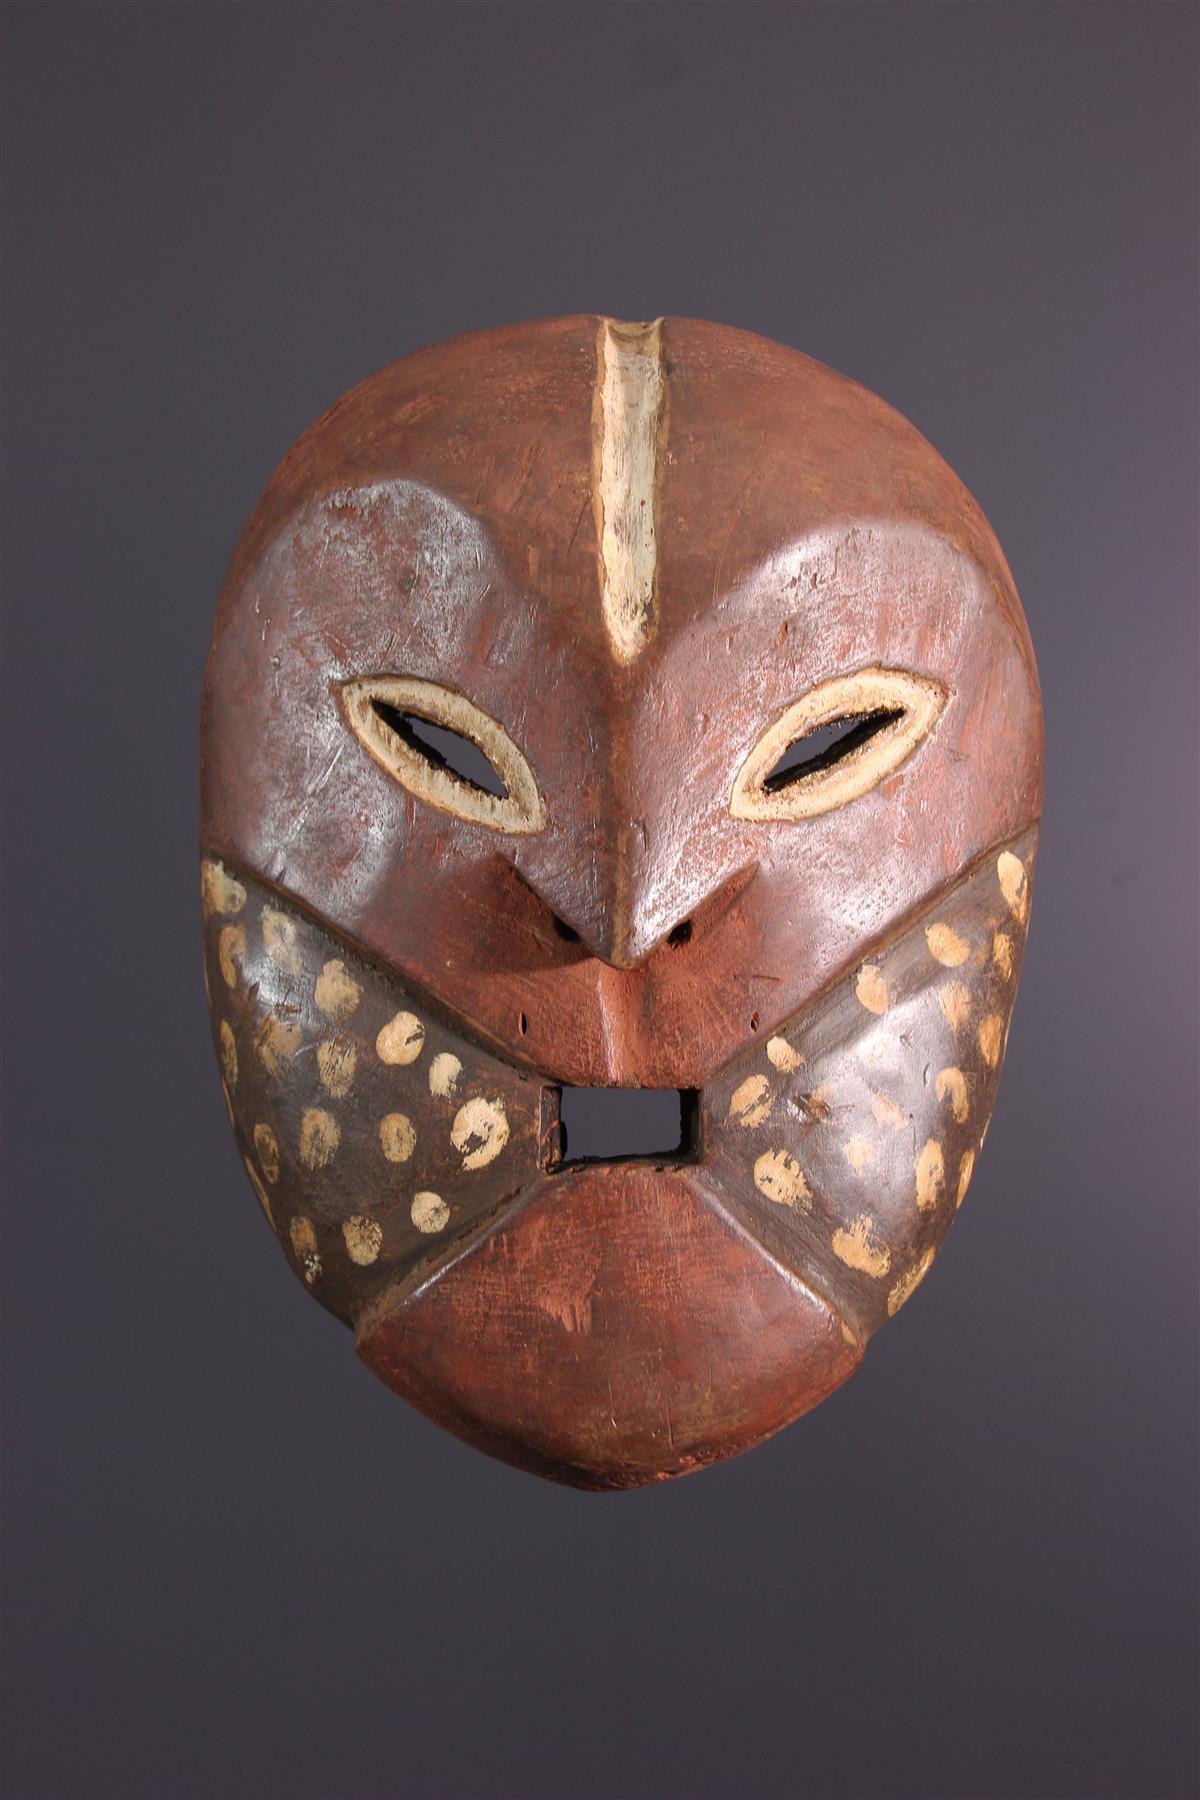 Masque Zande - African art